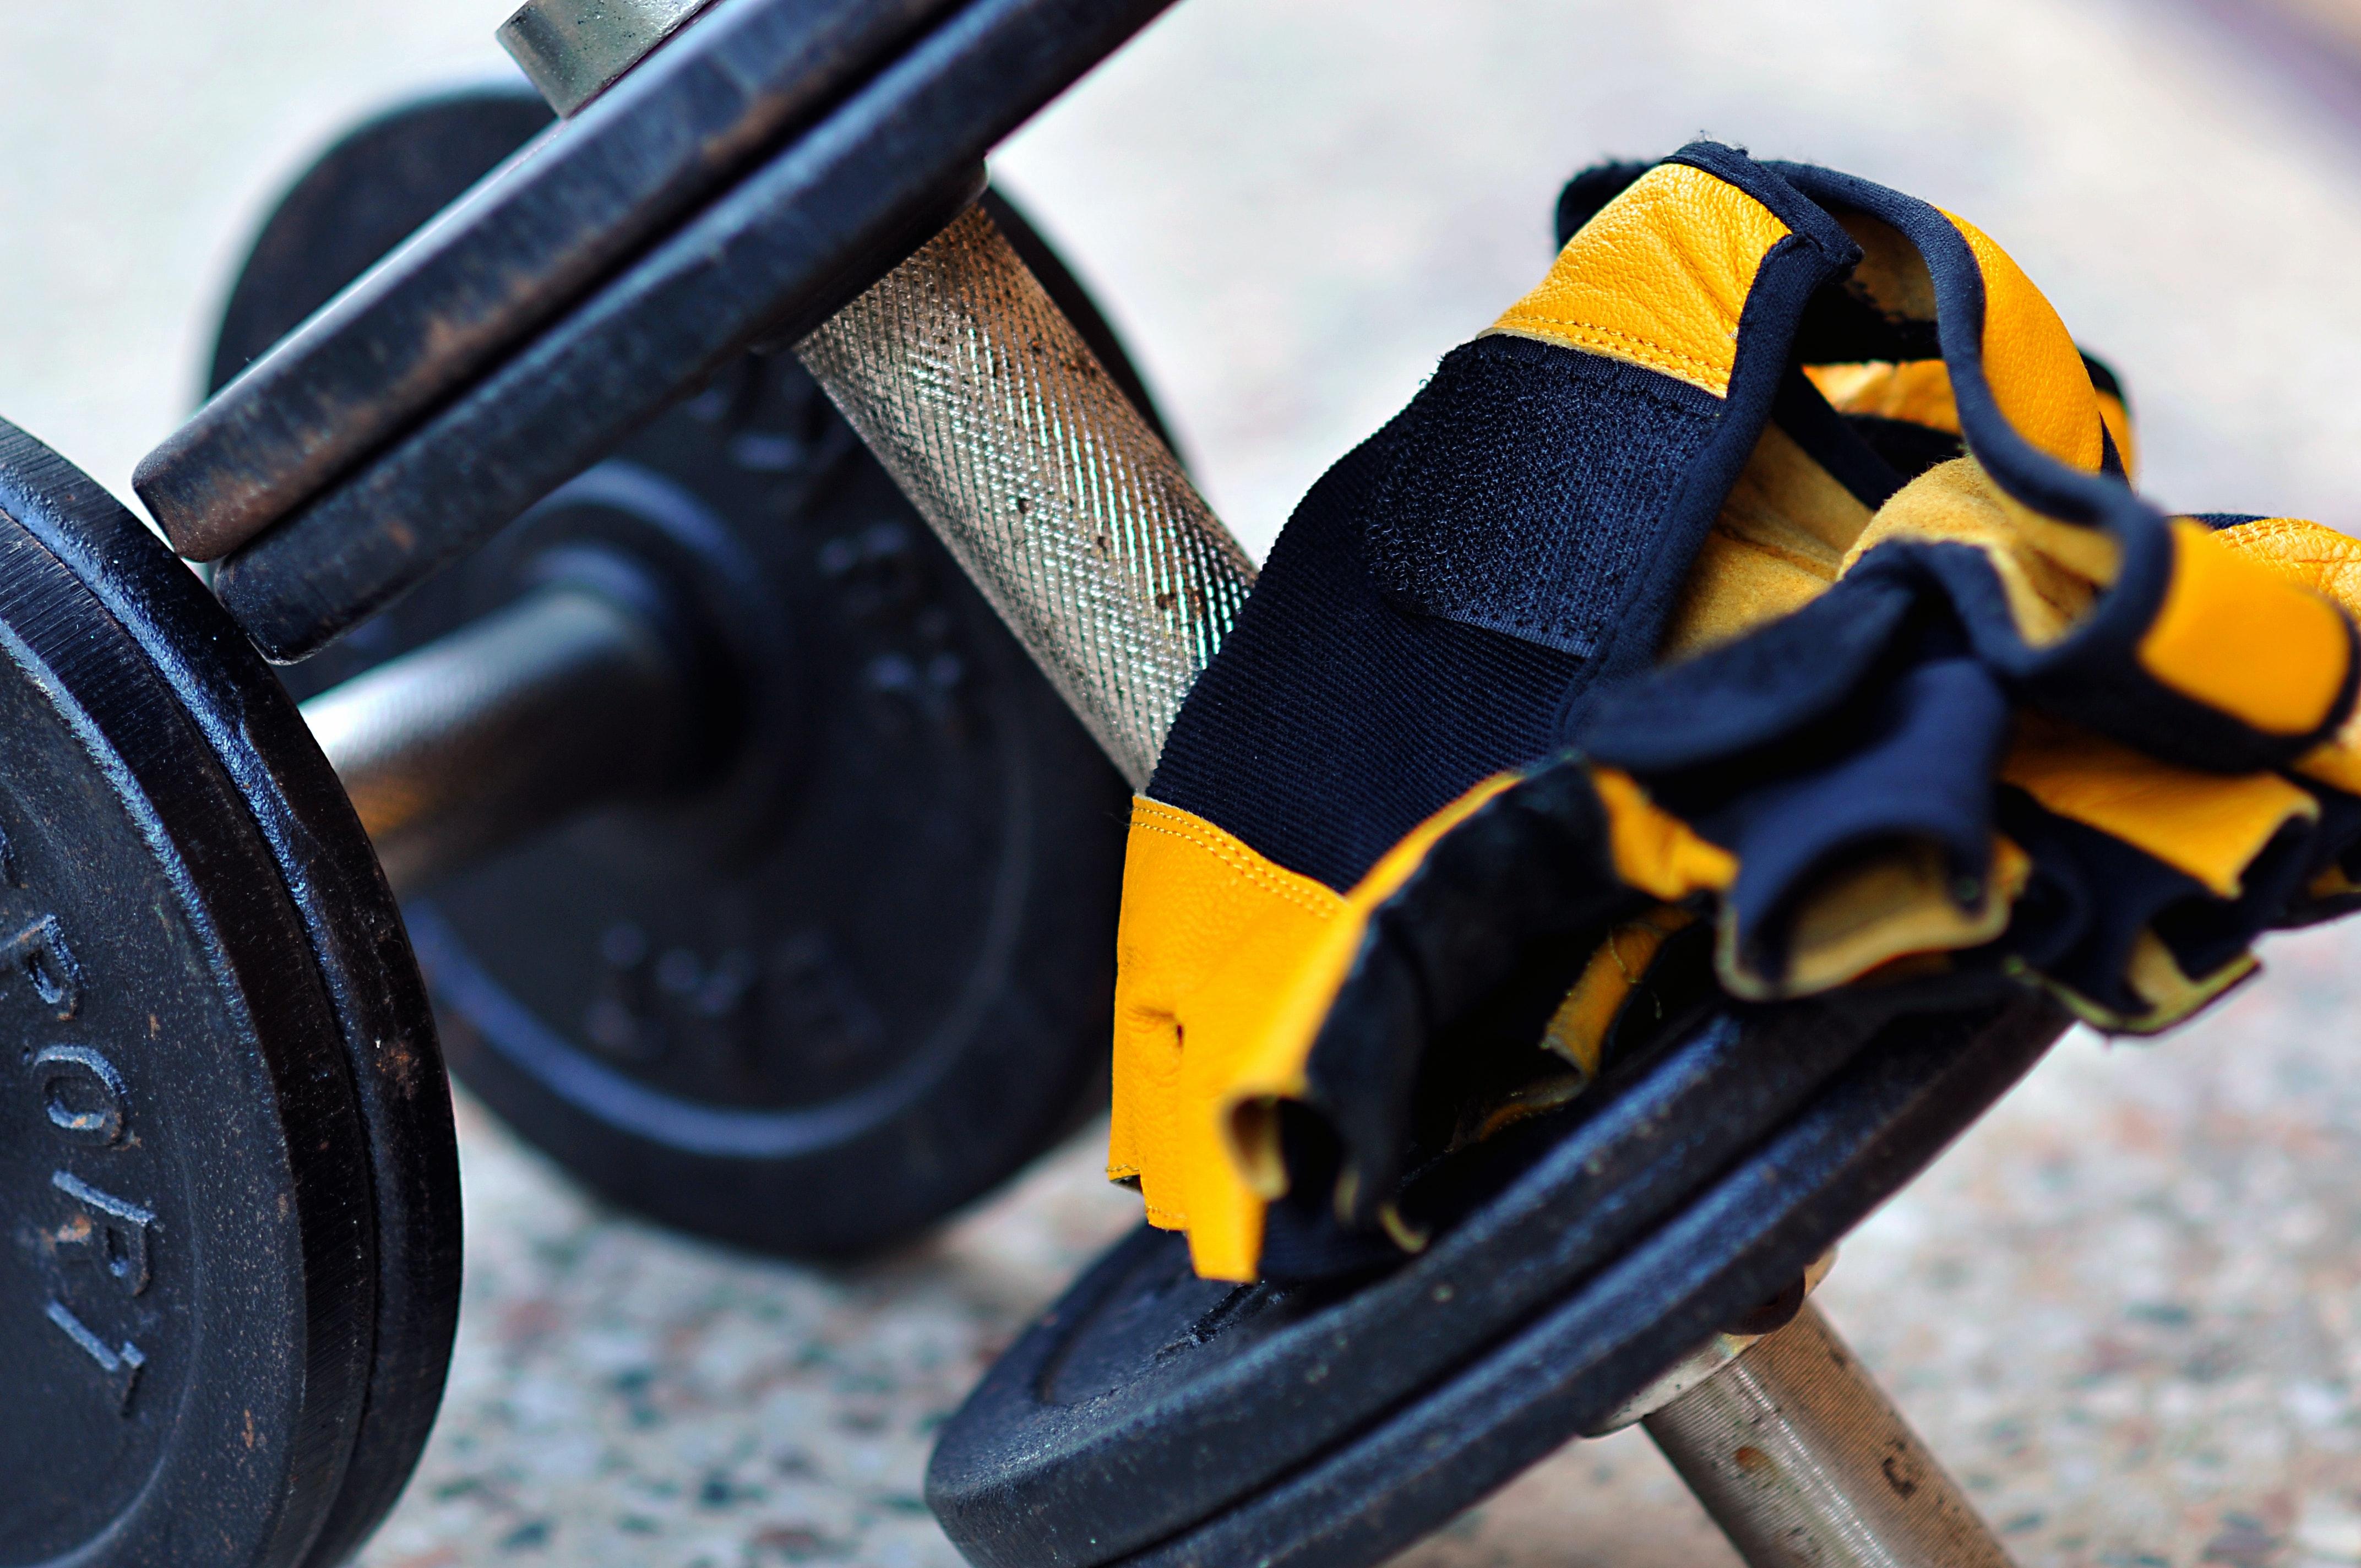 Roller Skate Fat Shoe Strings